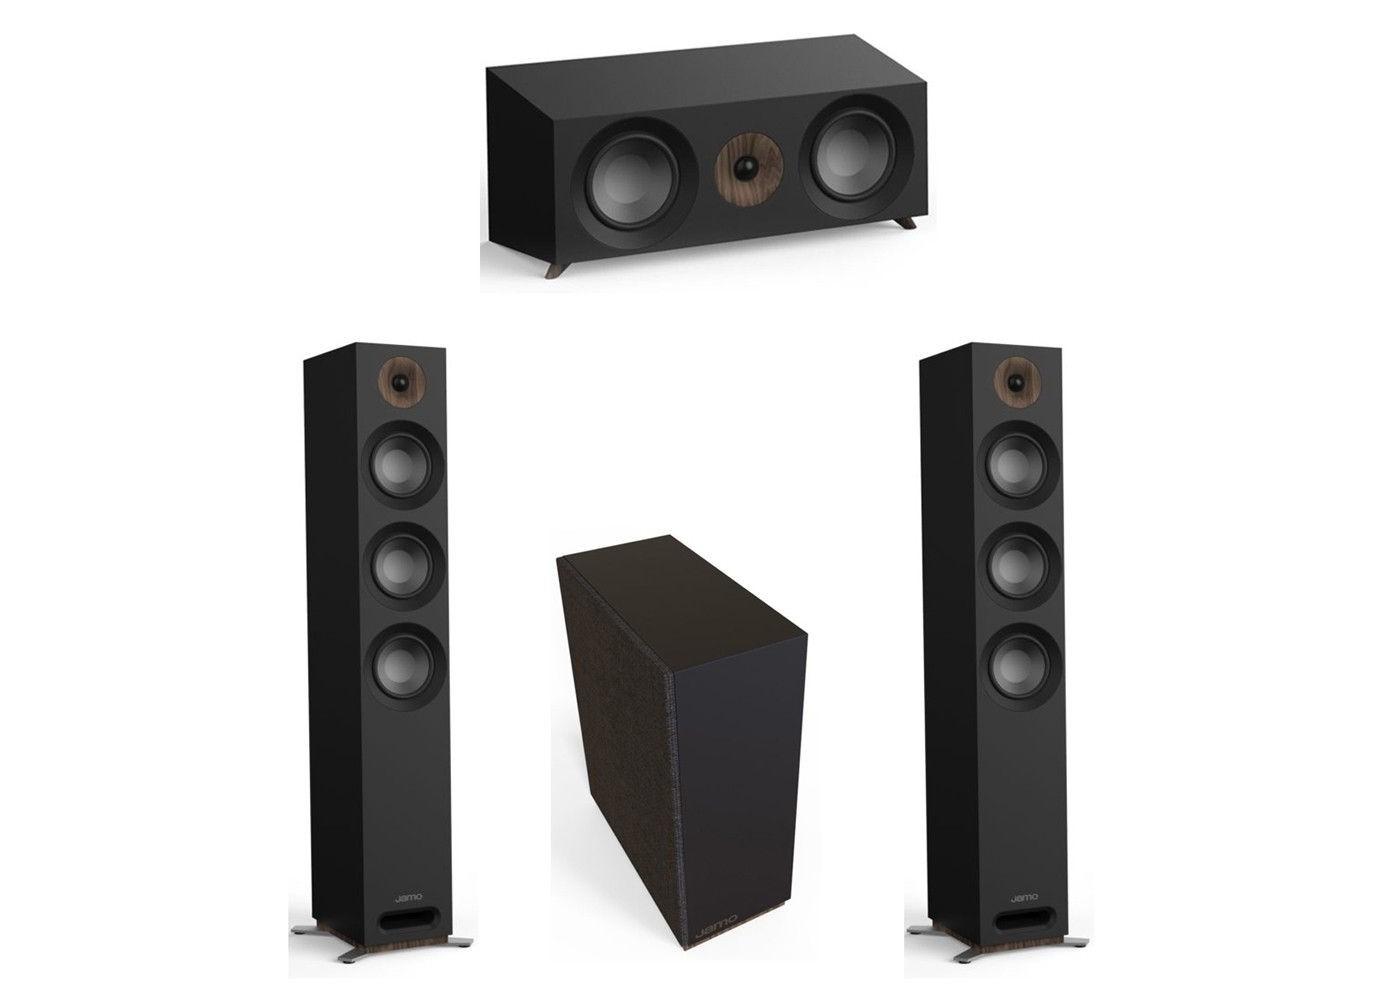 Jamo Studio Series 3 1 System with 2 Jamo S 809 Floorstanding Speakers, 1  Jamo S 81 Center Speaker, 1 Jamo S 810 Subwoofer